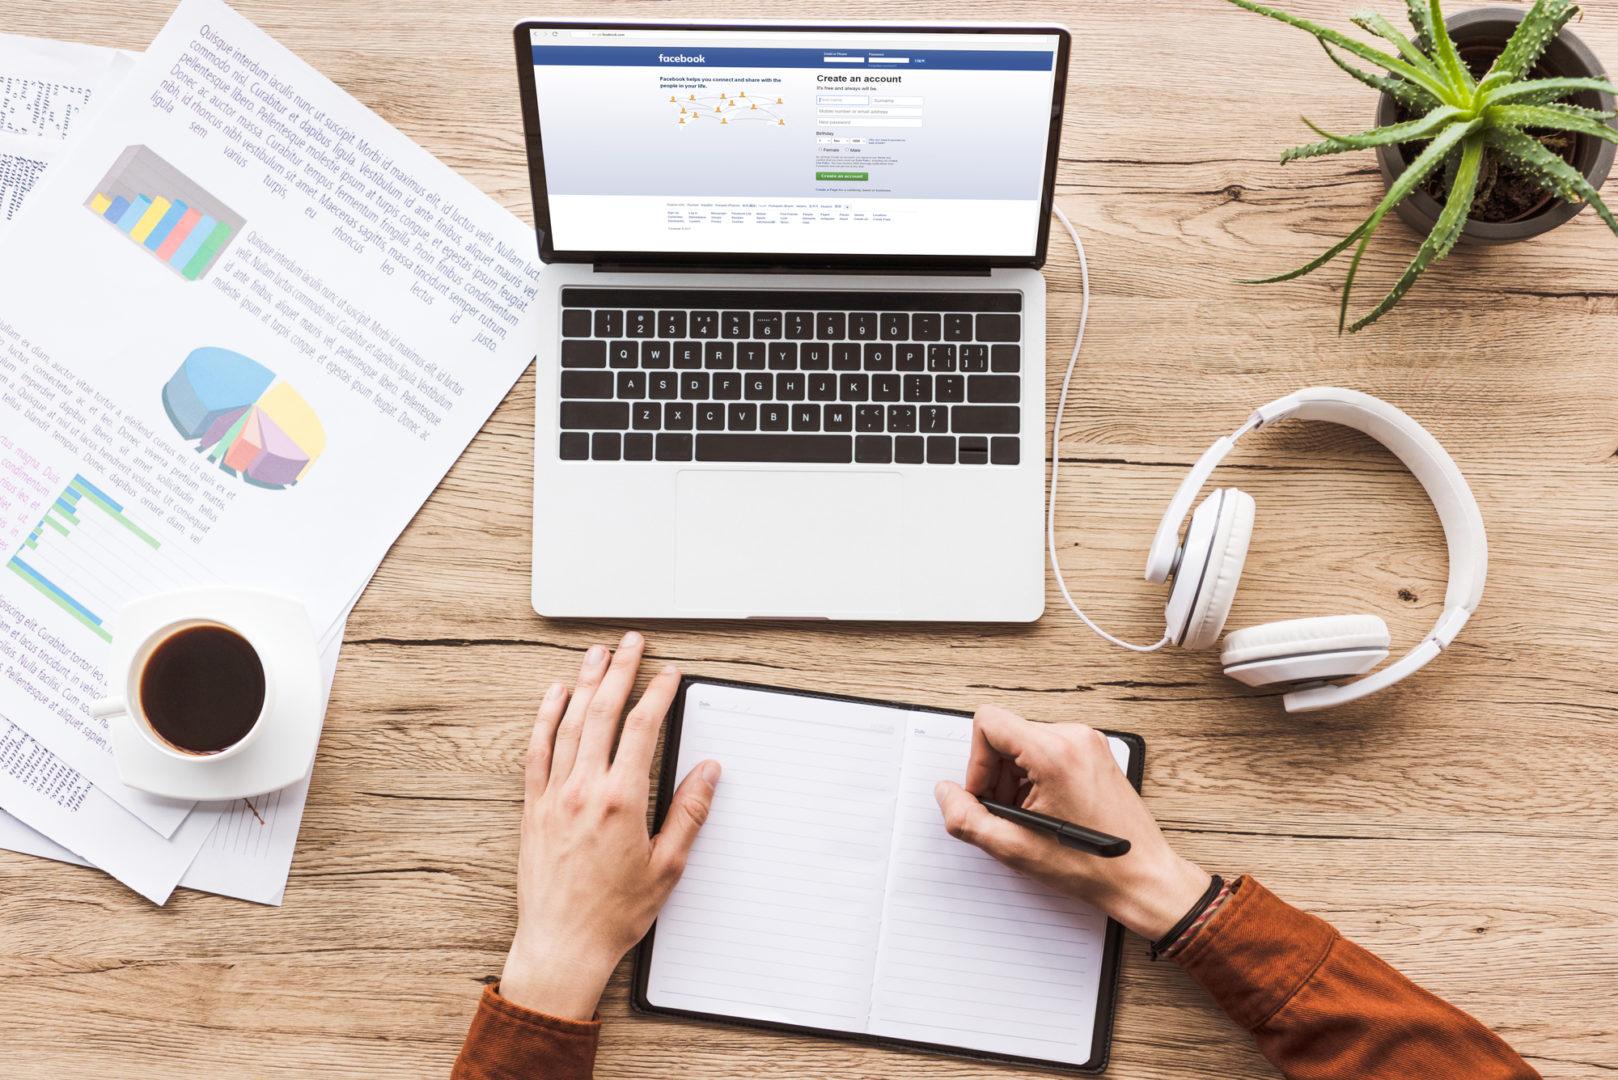 Atribuição do Facebook vai ajudar empresas a mensurar resultados